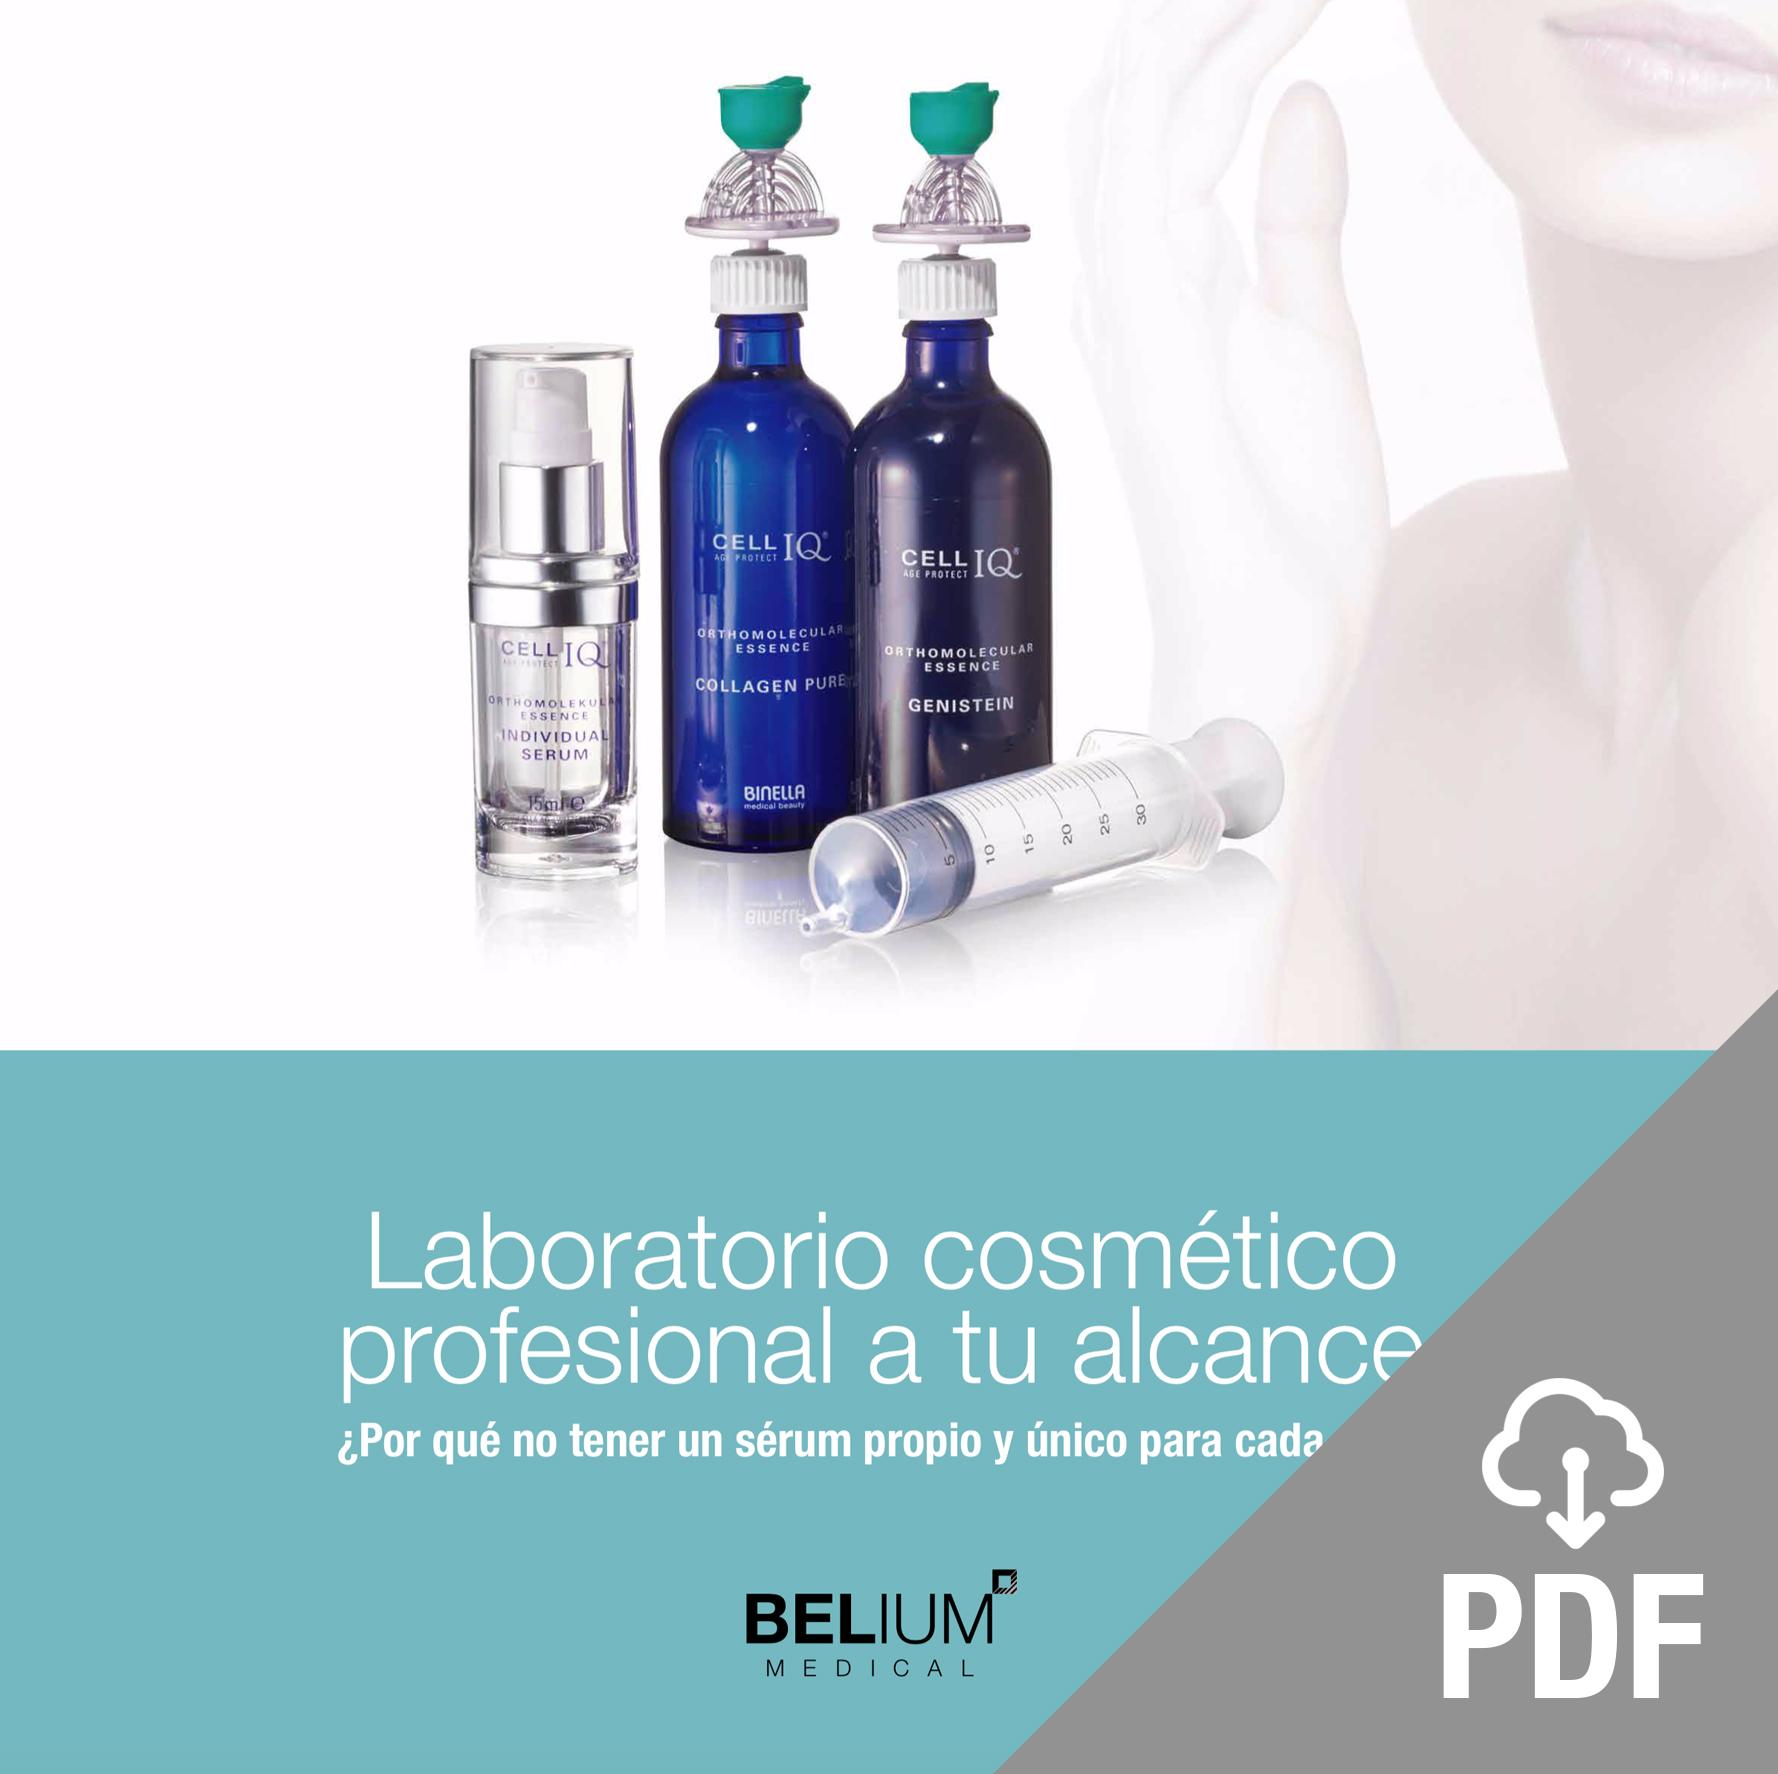 activos cosméticos ortomoleculares pdf belium medical gijon piel rejuvenecimiento belleza